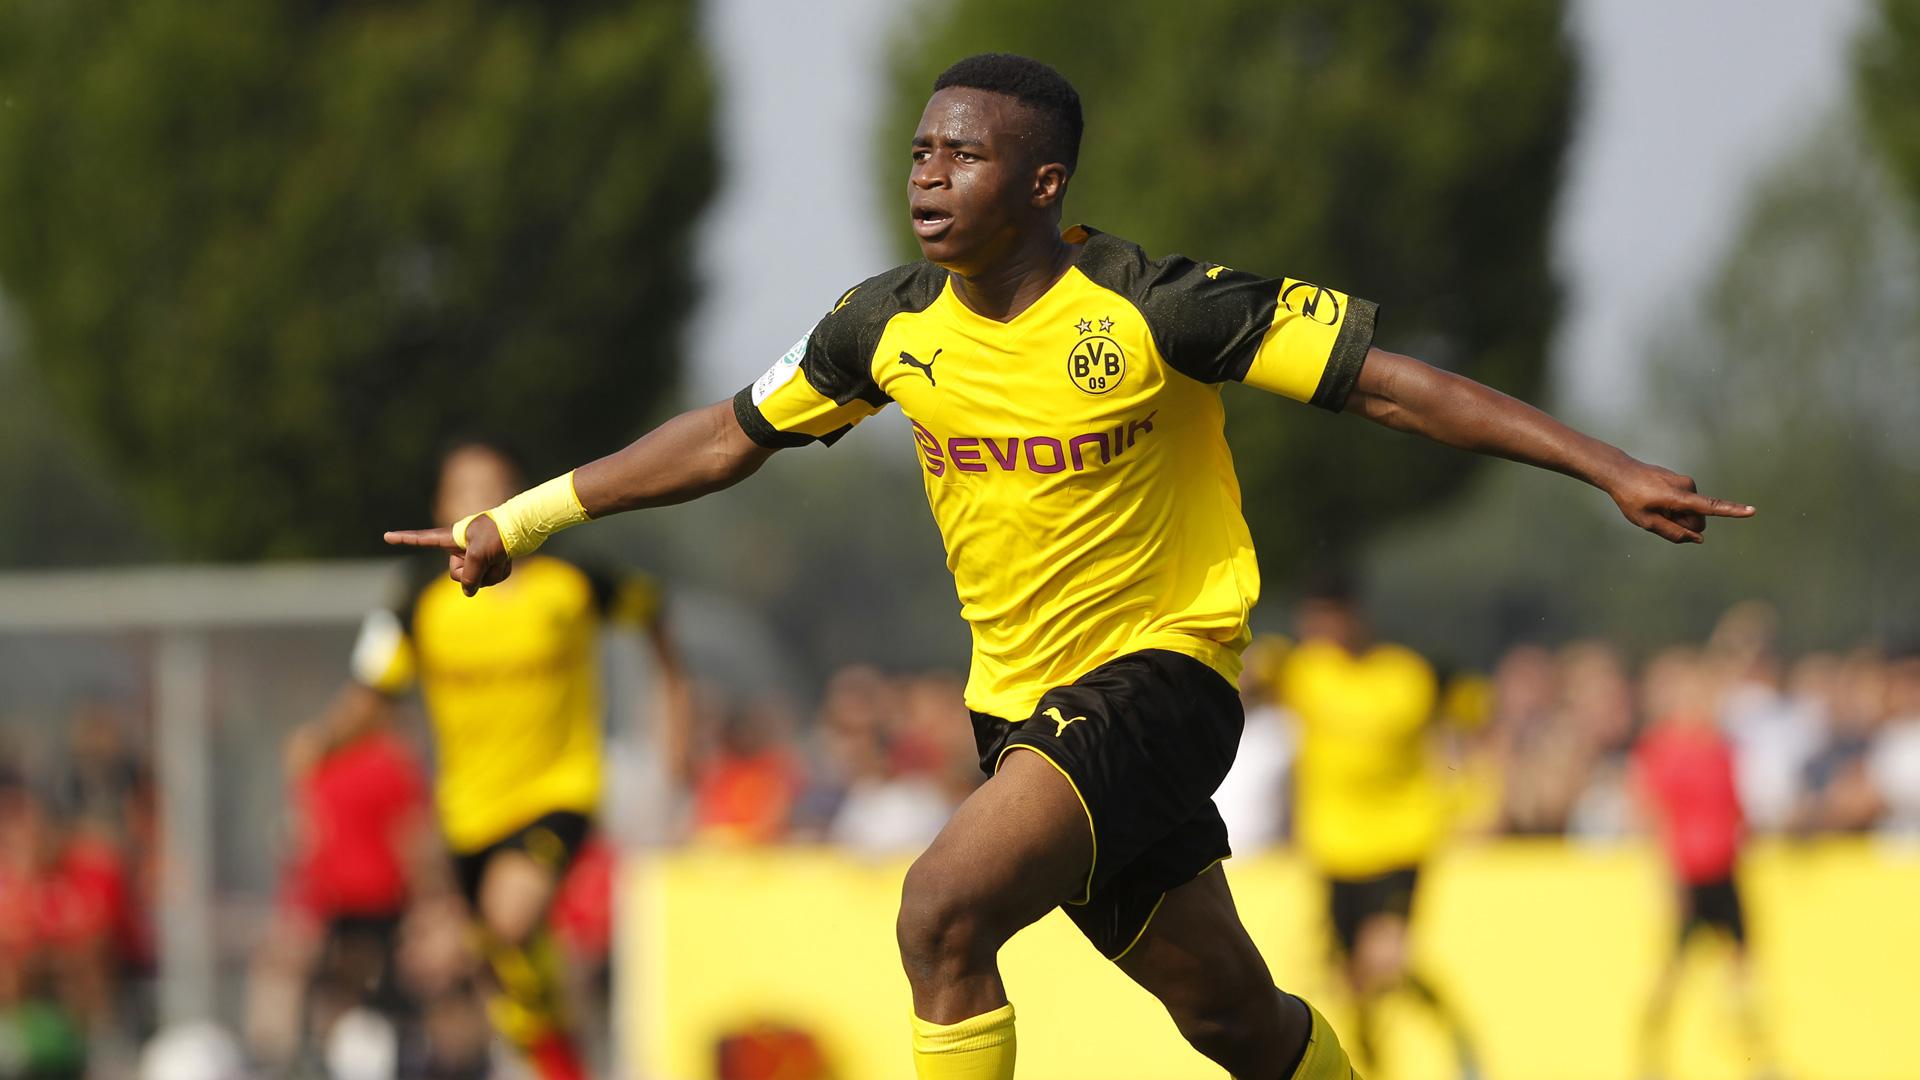 BVB: Pulisic droht wohl längere Pause, neues Trikot geleaked? - alle News und Transfer-Gerüchte zu Borussia Dortmund